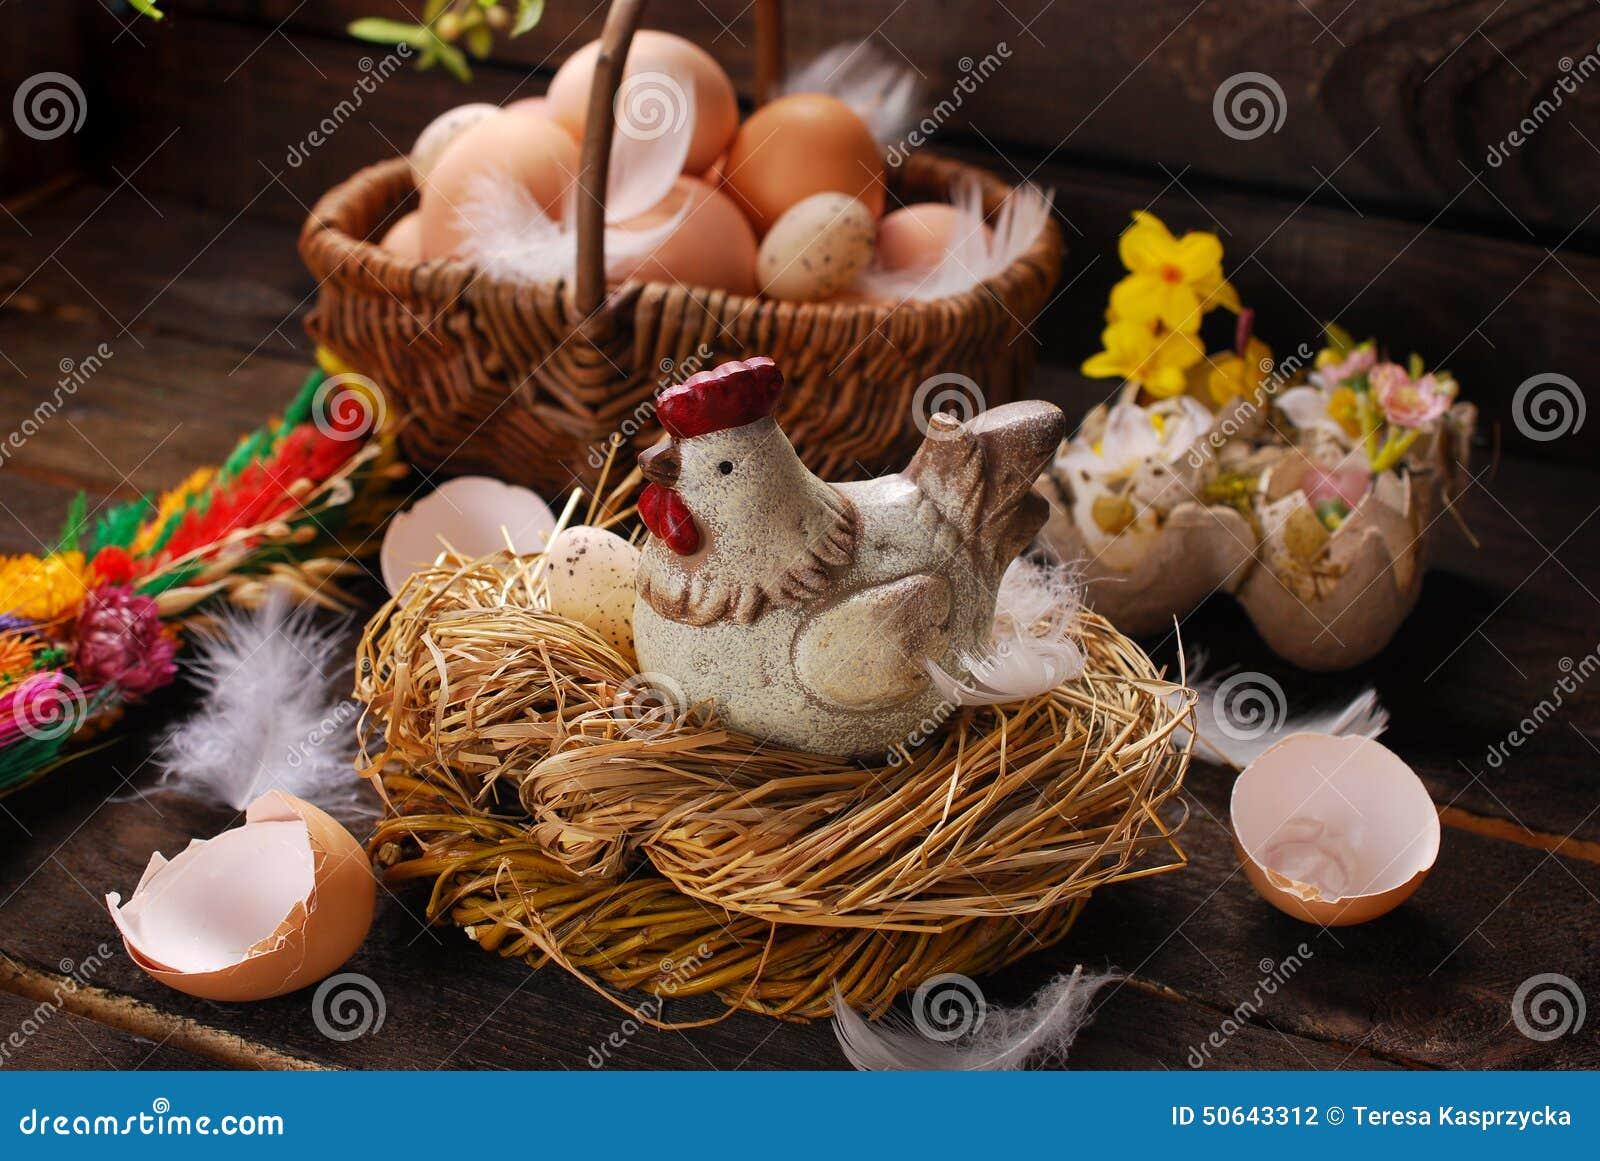 Decoração da Páscoa da galinha no ninho e da cesta de vime com ovos